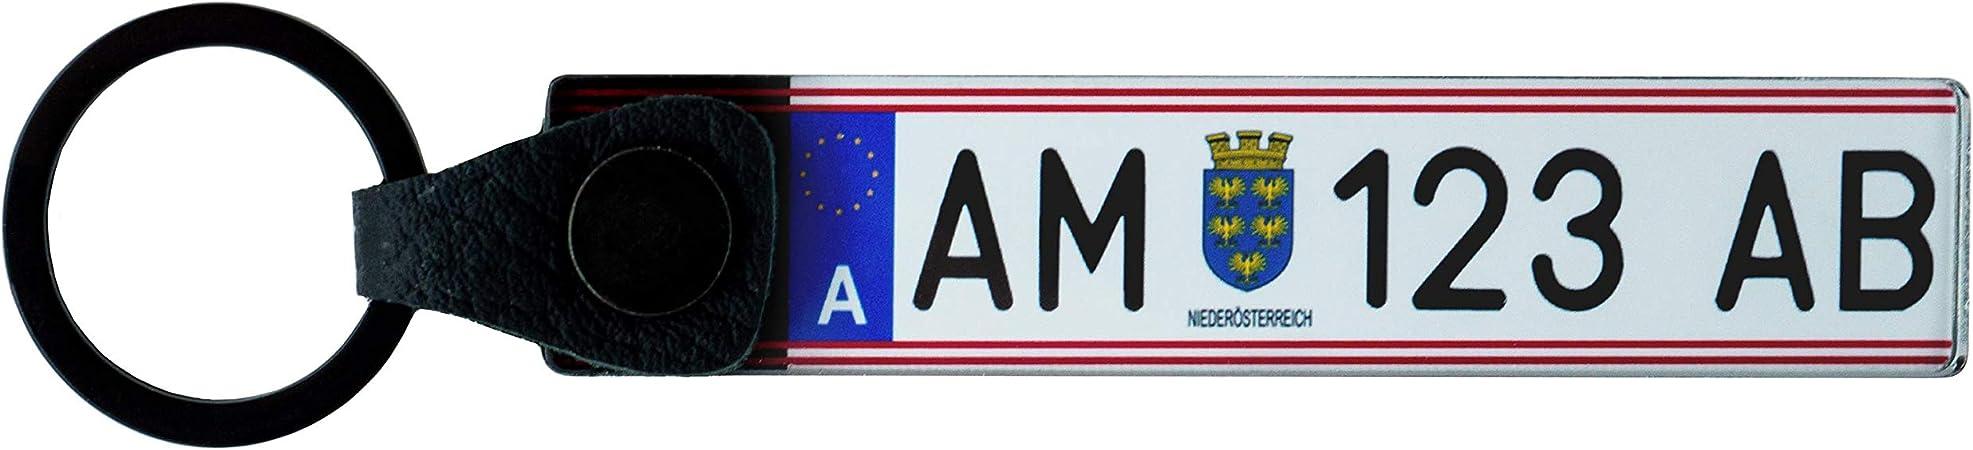 Kfz Kennzeichen Österreich Schlüsselanhänger Personalisiert Individuell Anpassbar Zweiseitig Koffer Rucksäcke Taschen